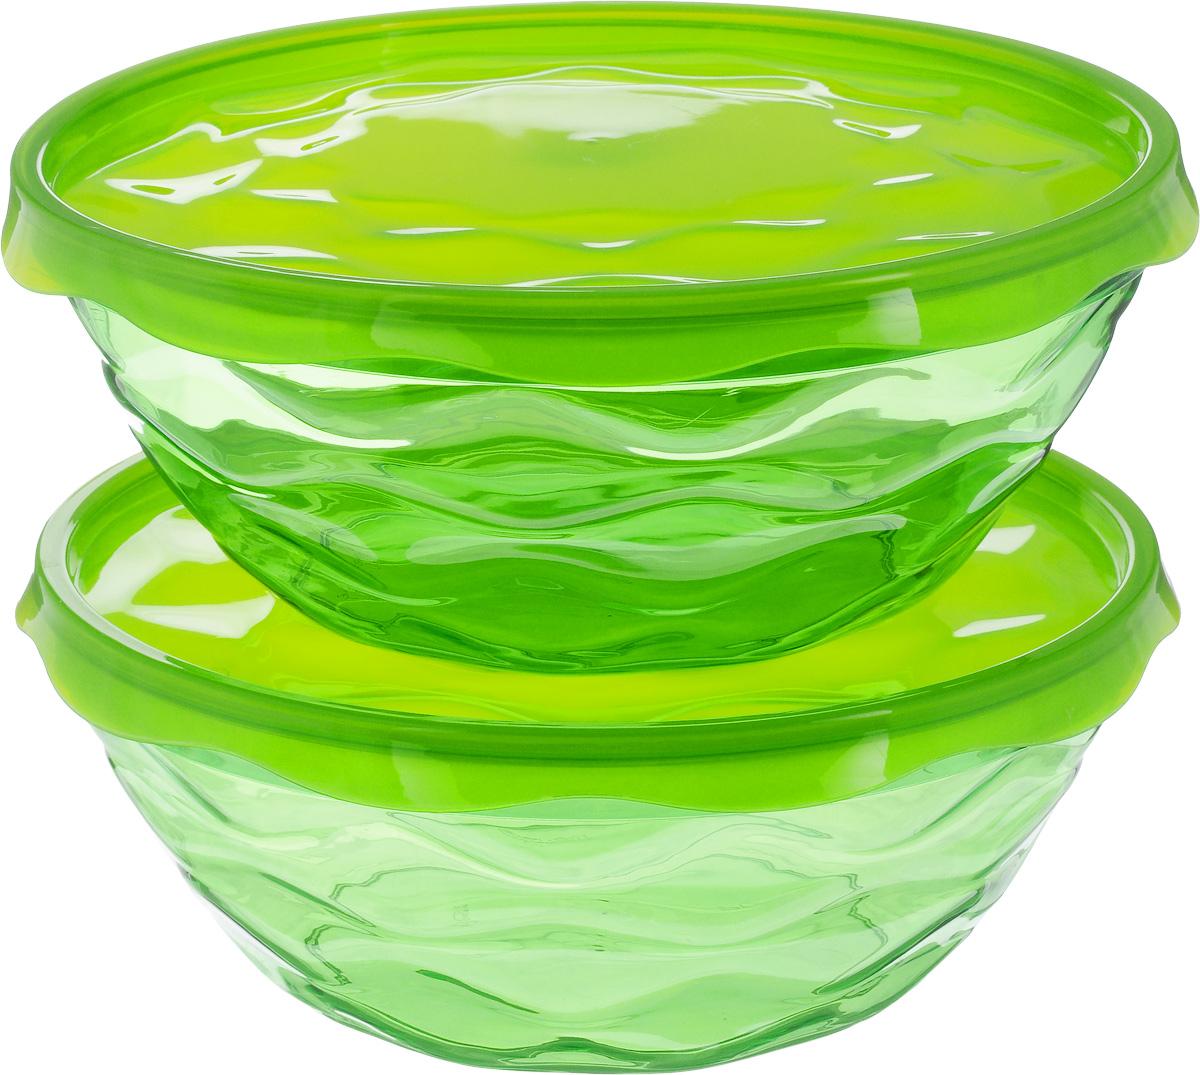 Набор салатников Giaretti Riva, с крышками, цвет: зеленый, 2 шт. GR1859GR1859МИКС_зеленыйНабор Giaretti Riva, состоящий из двух салатниц с плотно закрывающимисякрышками, сочетает в себе изысканный дизайн с максимальной функциональностью. Салатники выполнены из высококачественного пластика. Такой набор прекрасно подходит как для хранения продуктов в холодильнике, так и для сервировки стола.Можно мыть в посудомоечной машине.Характеристика салатницы №1 и №2: Объем: 2,5 л.Диаметр (по верхнему краю): 23 см. Высота стенки: 9 см. Диаметр крышки: 24,5 см.